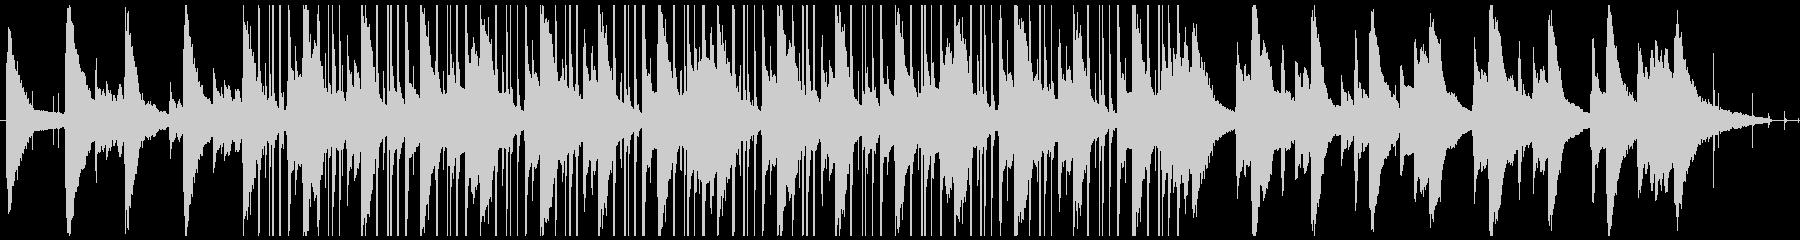 お洒落ピアノのLofiヒップホップの未再生の波形